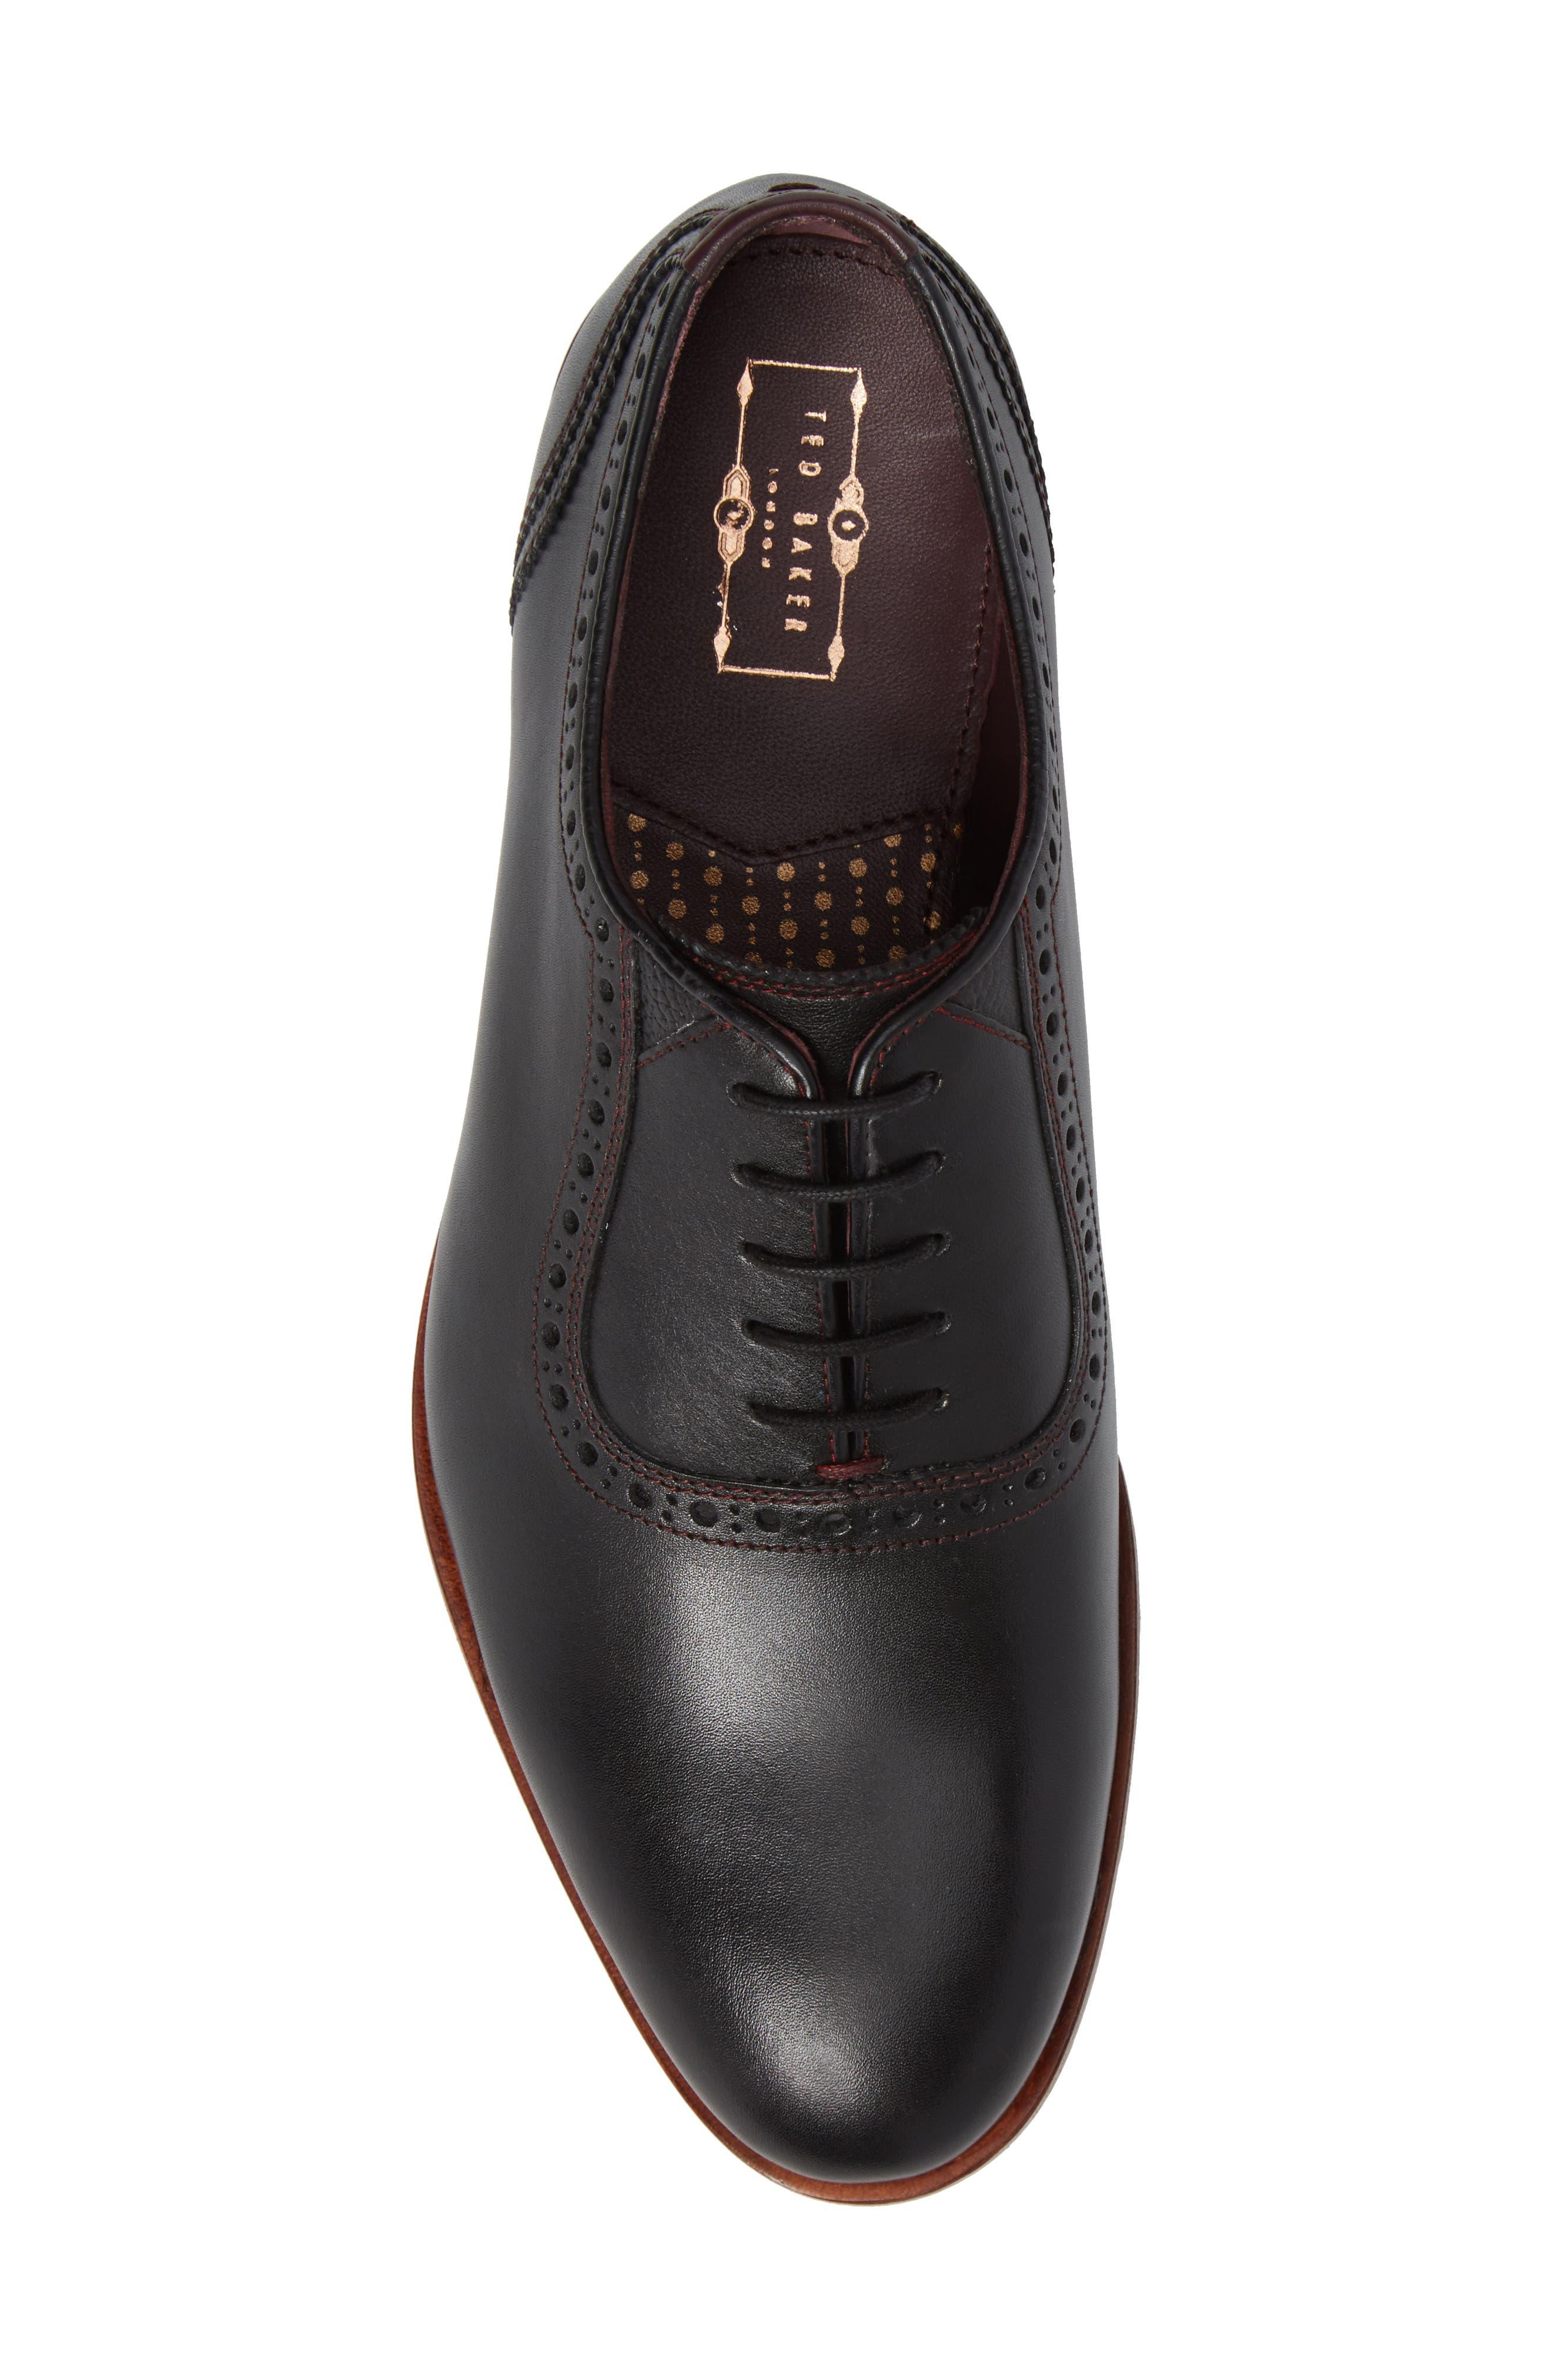 Anice Plain Toe Oxford,                             Alternate thumbnail 3, color,                             Black Leather